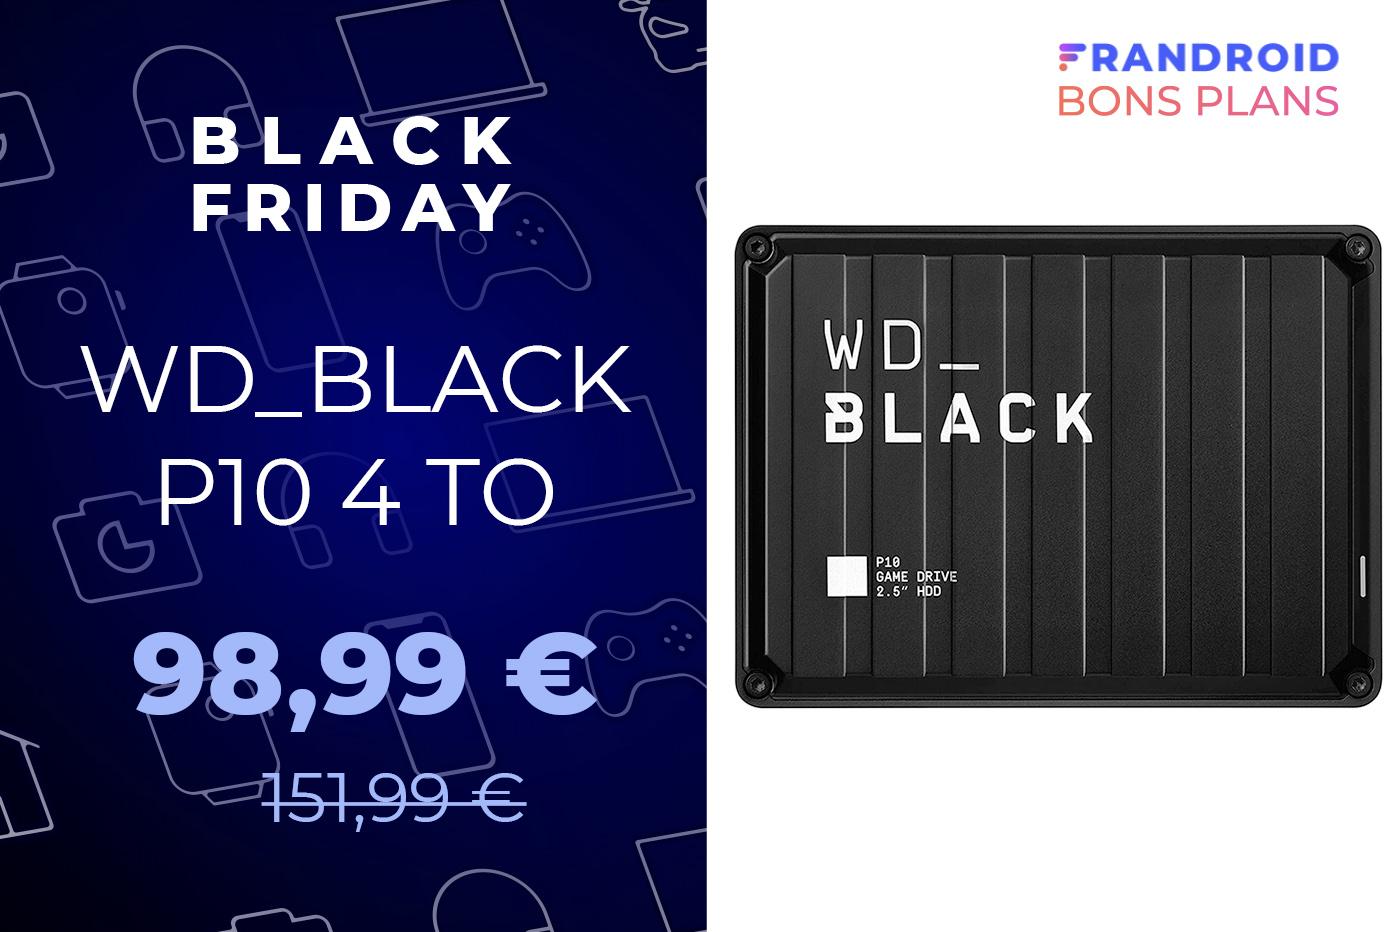 Profitez du Black Friday pour obtenir ce HDD gaming 4 To à -35 %